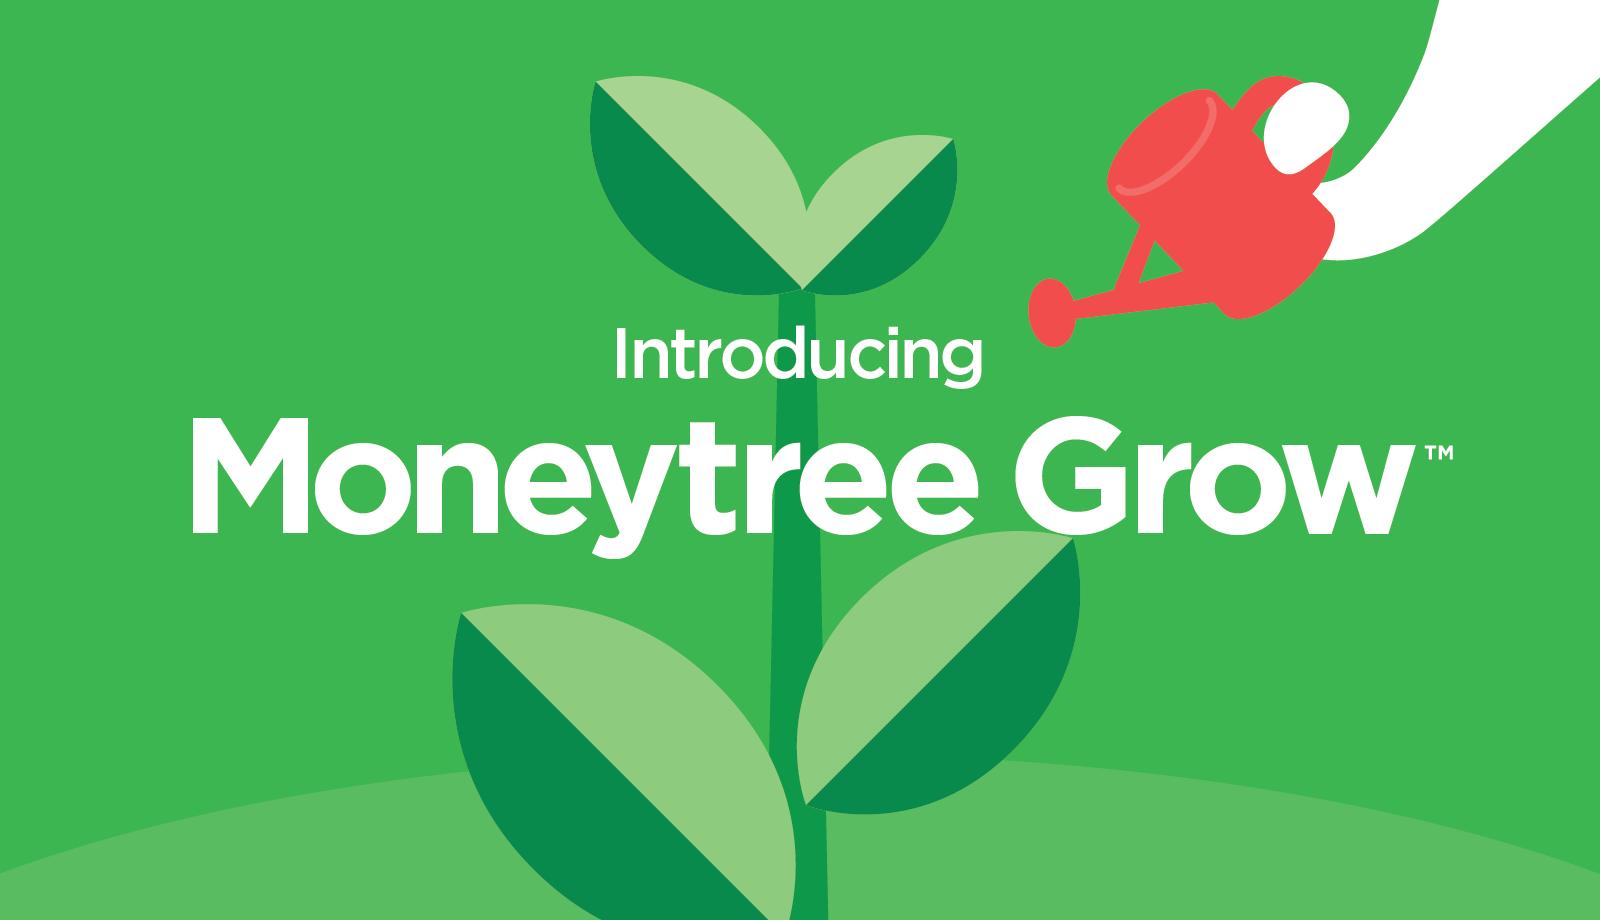 新サブスクリプションサービス「Moneytree Grow」が登場